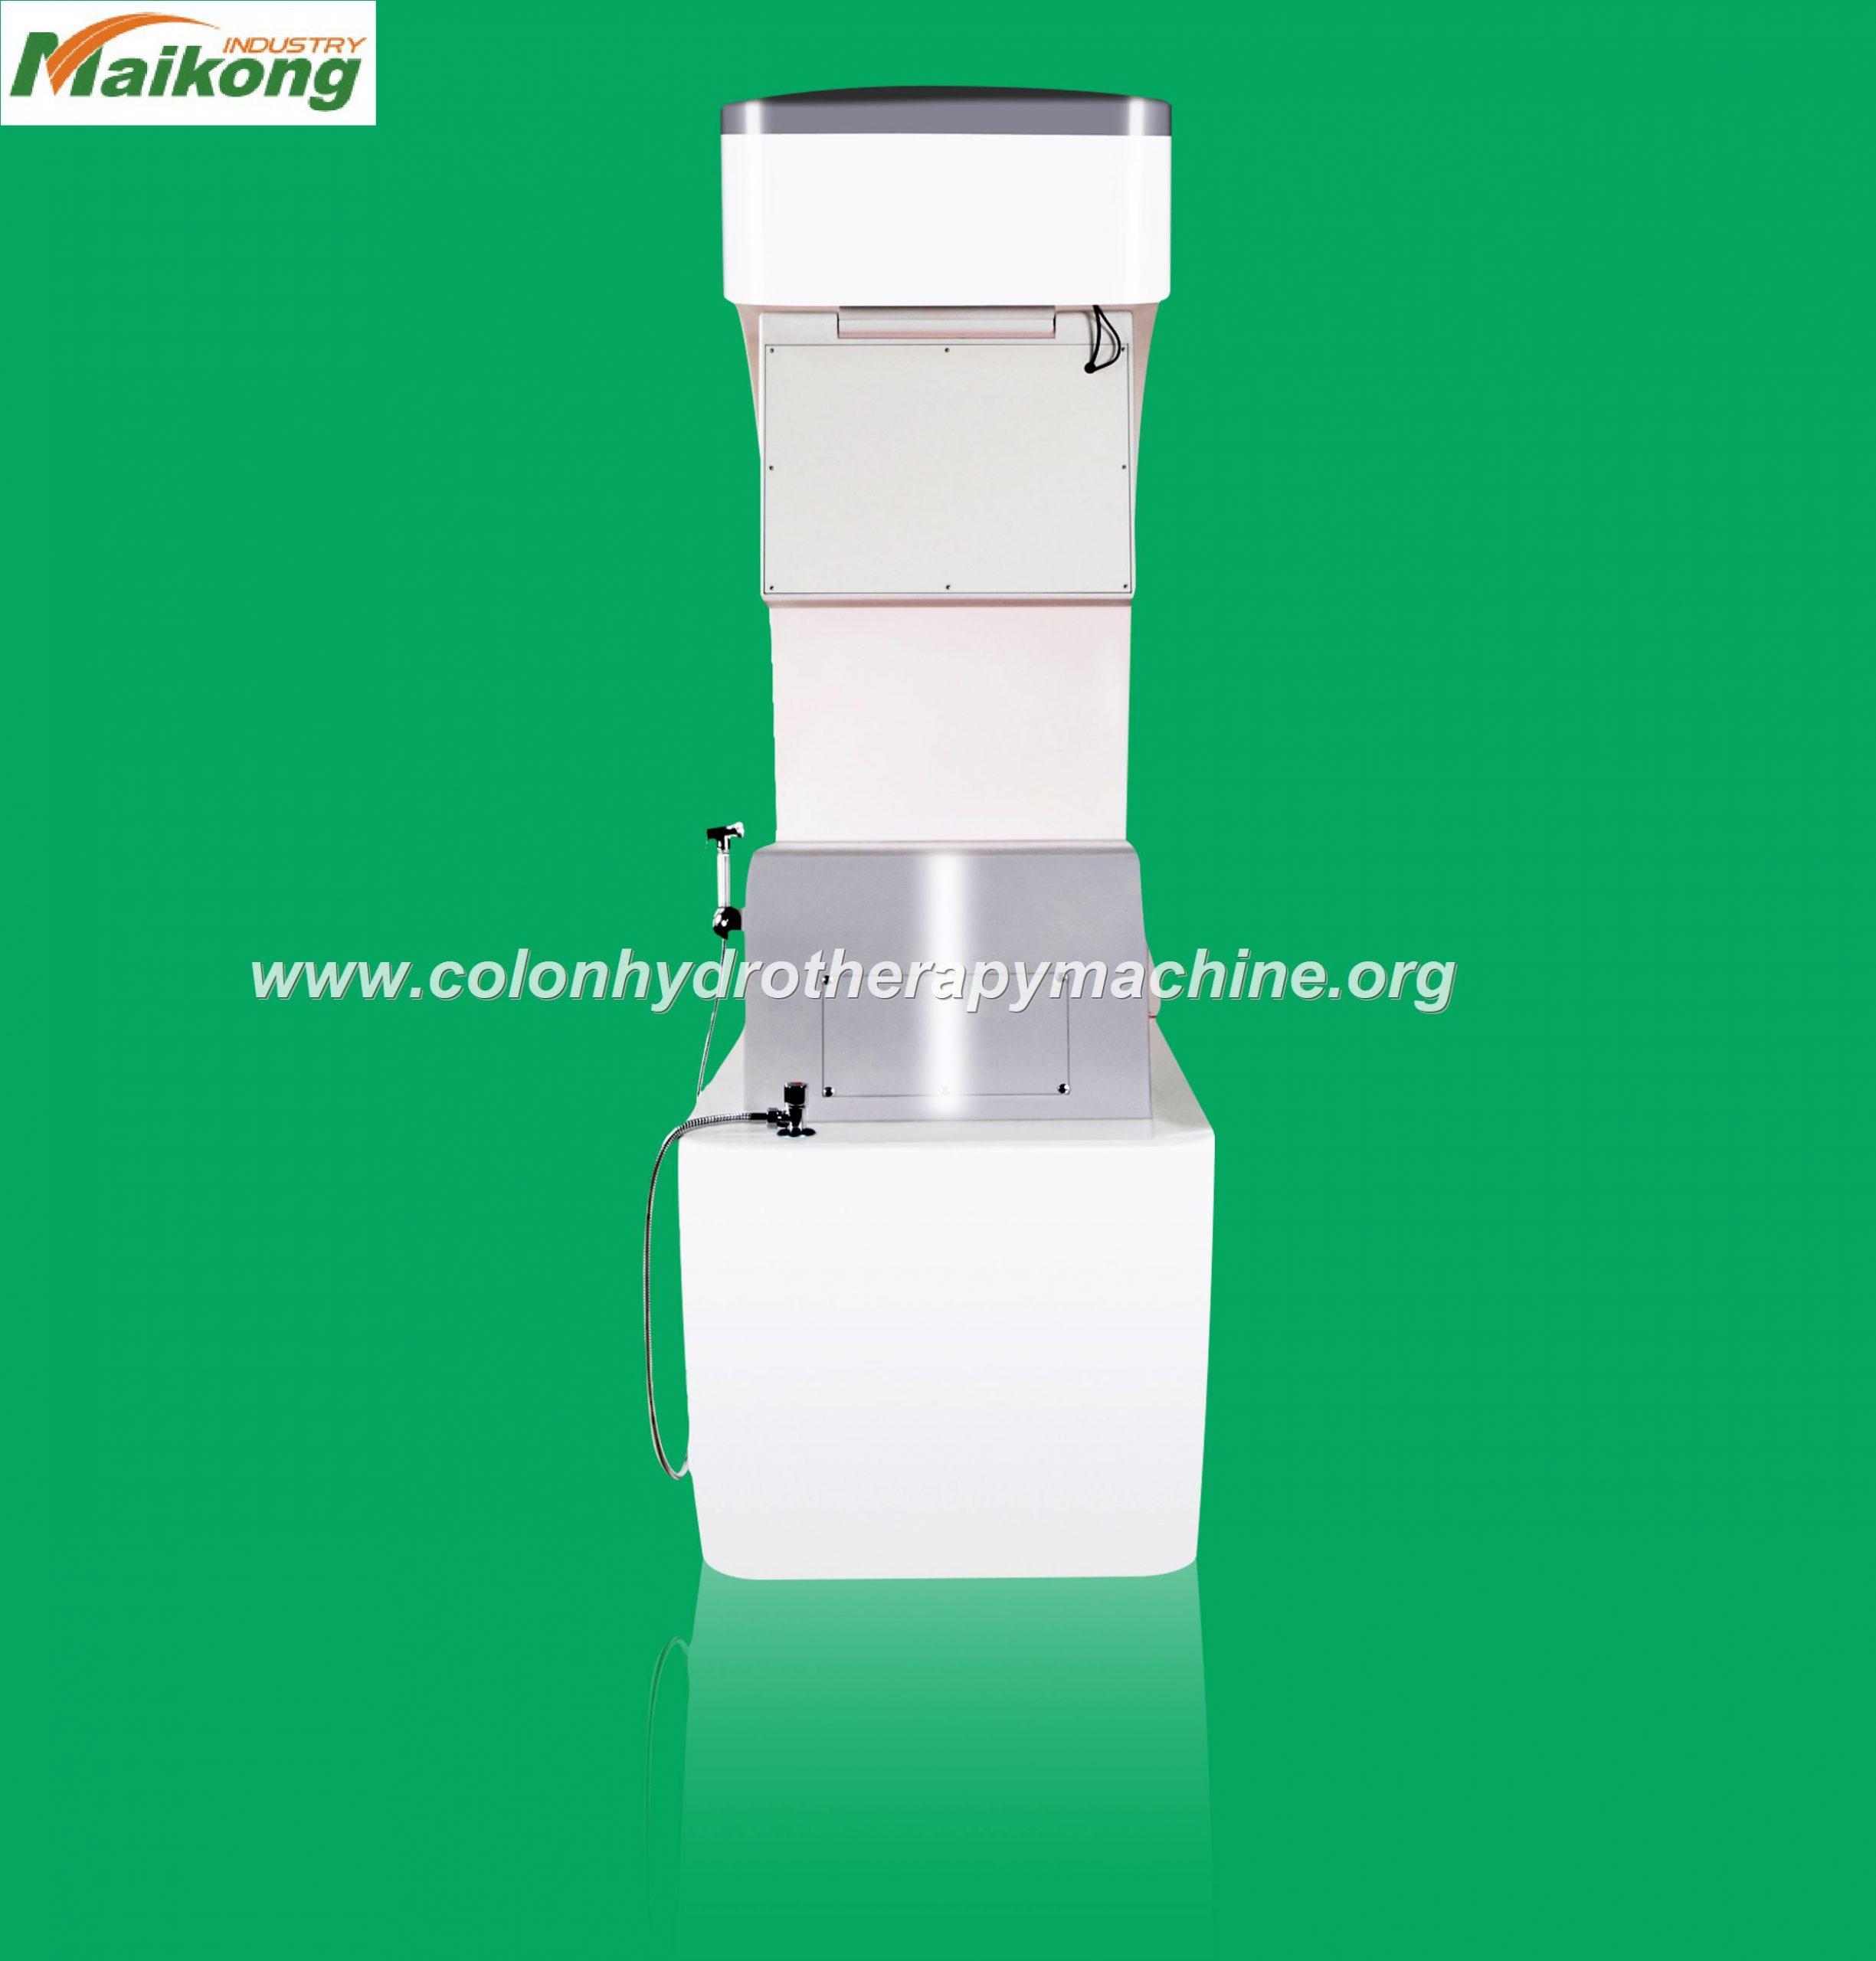 Colon Hydrotherapy Machine Cost in India